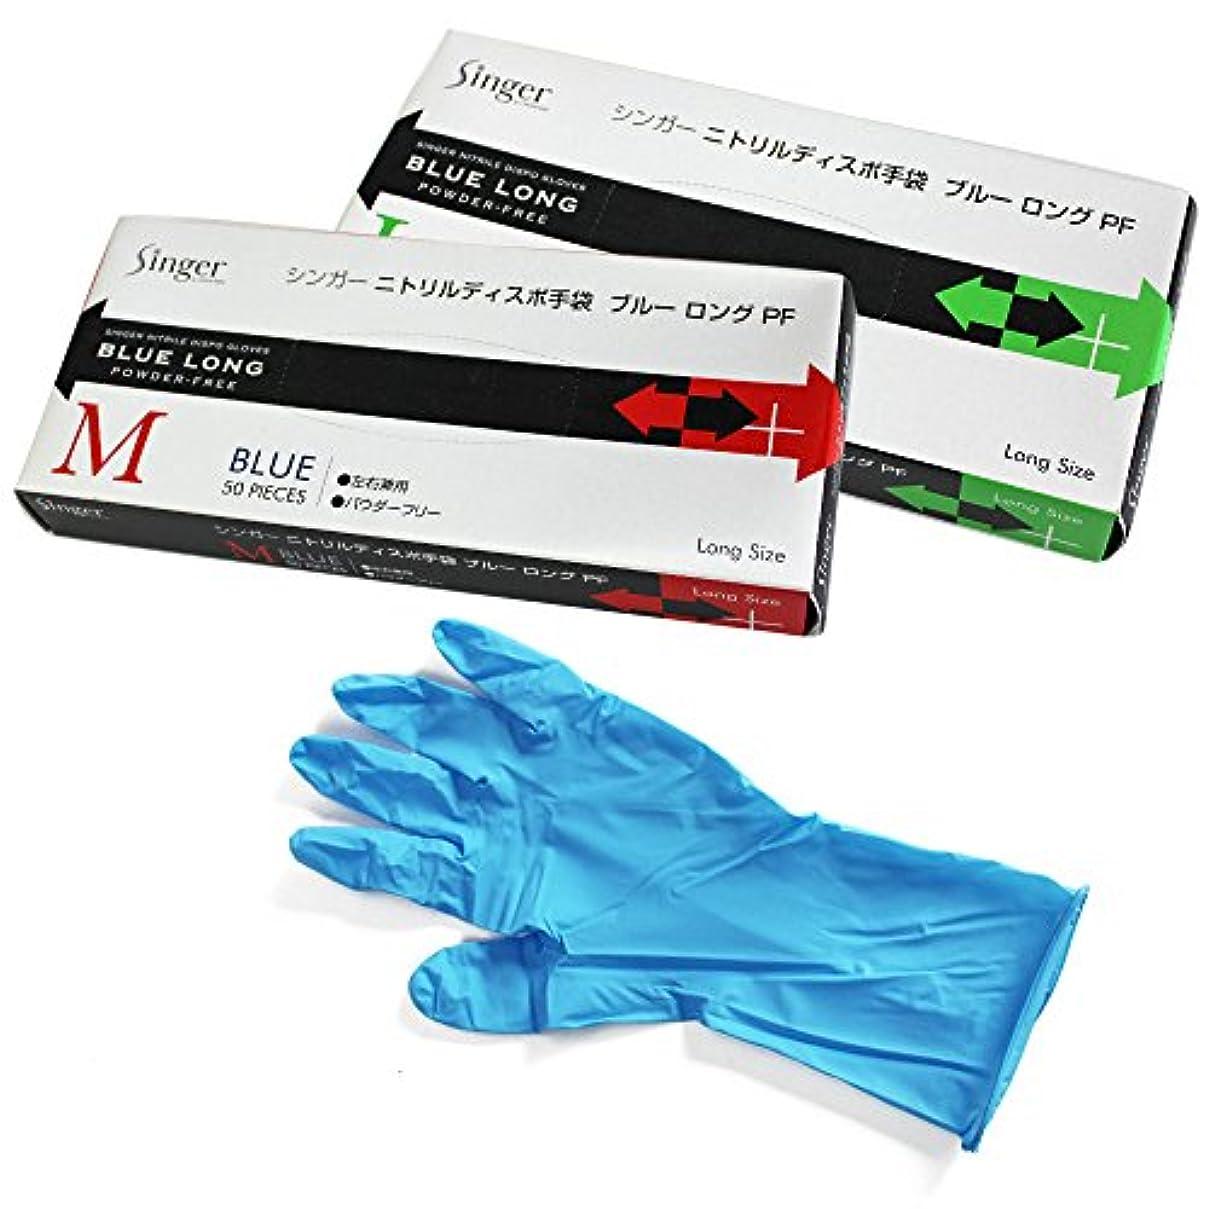 シンガーニトリルディスポ手袋ブルーロングパウダーフリー250枚(50枚入り×5箱) (M)